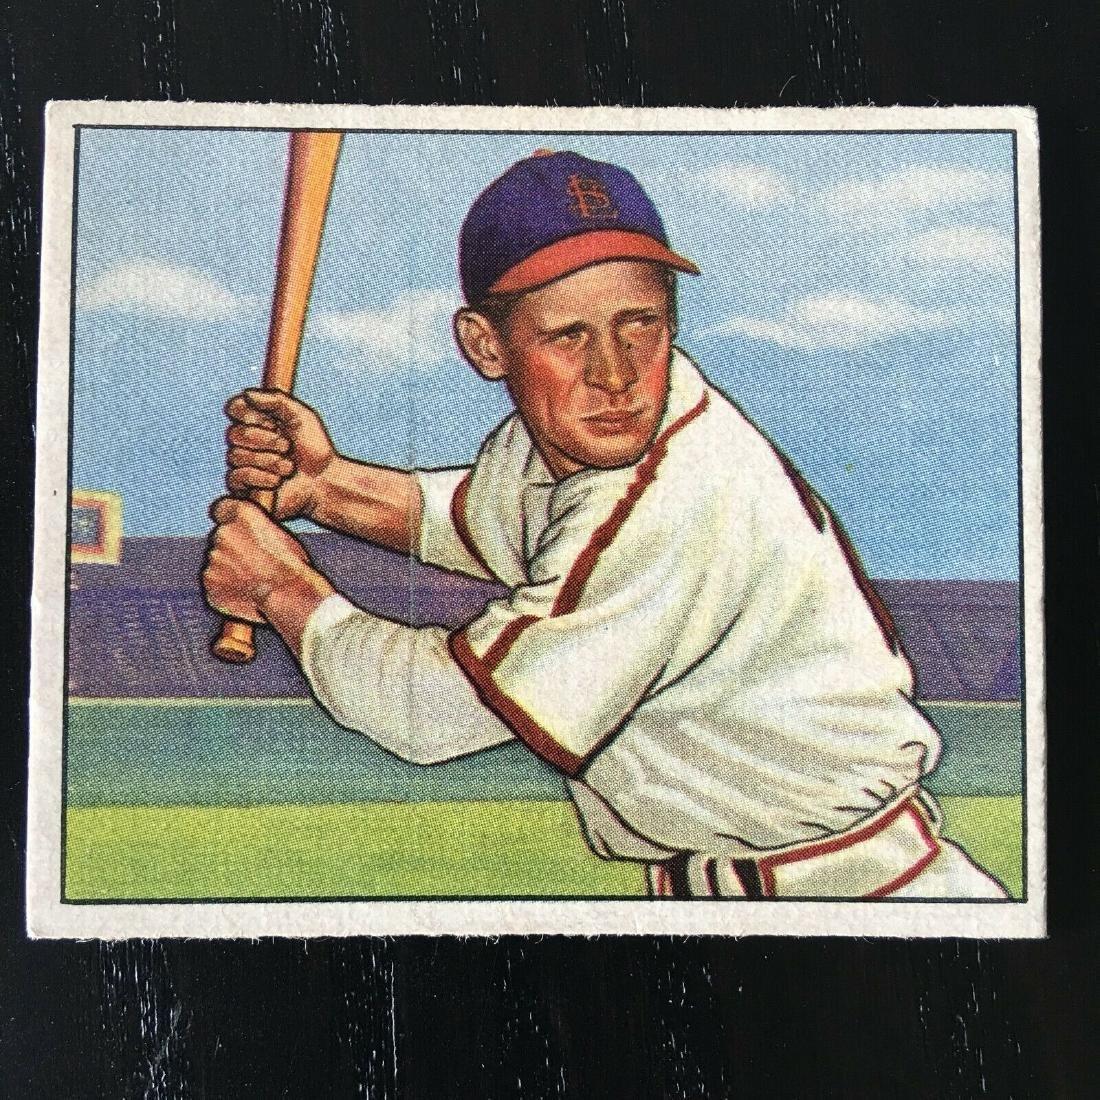 1950 Bowman Baseball Eddie Kazak 36